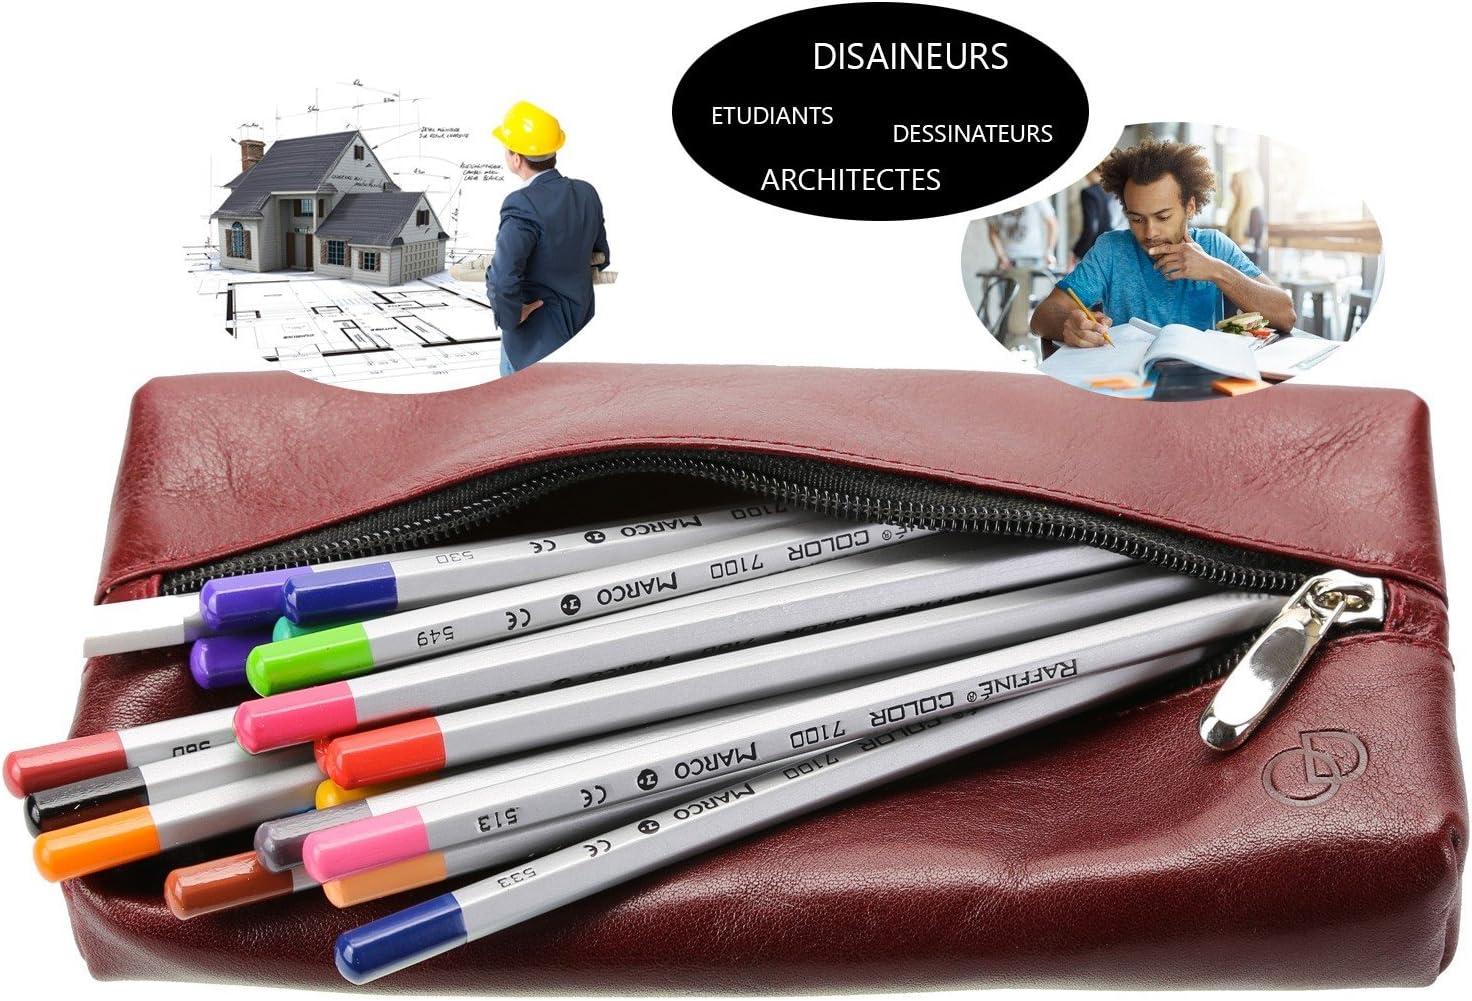 Cuir Crayons stylos Archi 100/% Cuir 21 x 11 cm -Trousses Scolaires Grande Trousse en Cuir Olimar Dor Bordeux Etudiants Organisateur Dessinateurs